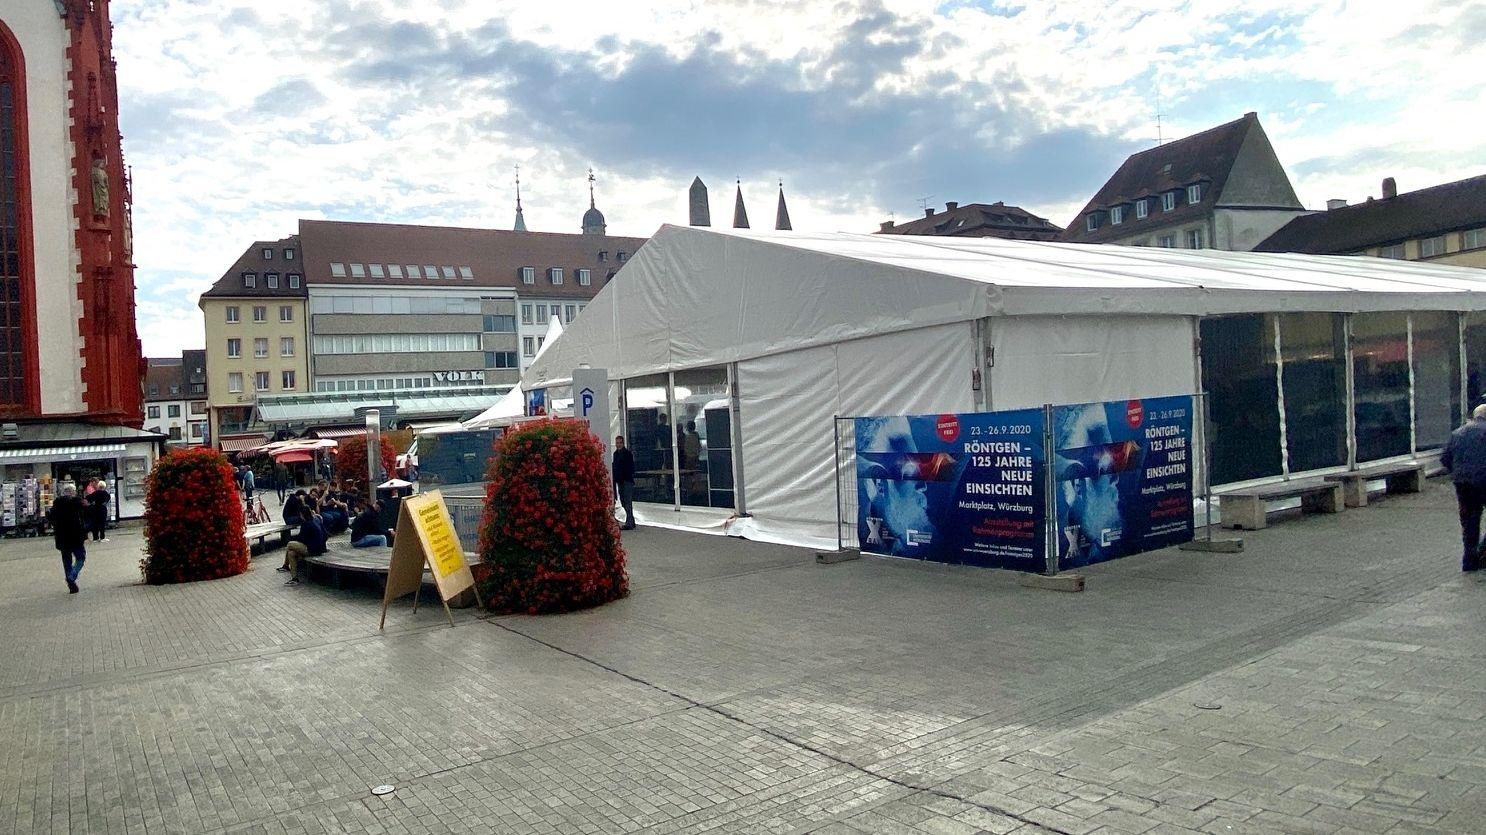 """Die Ausstellung """"Röntgen – 125 Jahre neue Einsichten!"""" auf dem Würzburger Marktplatz"""